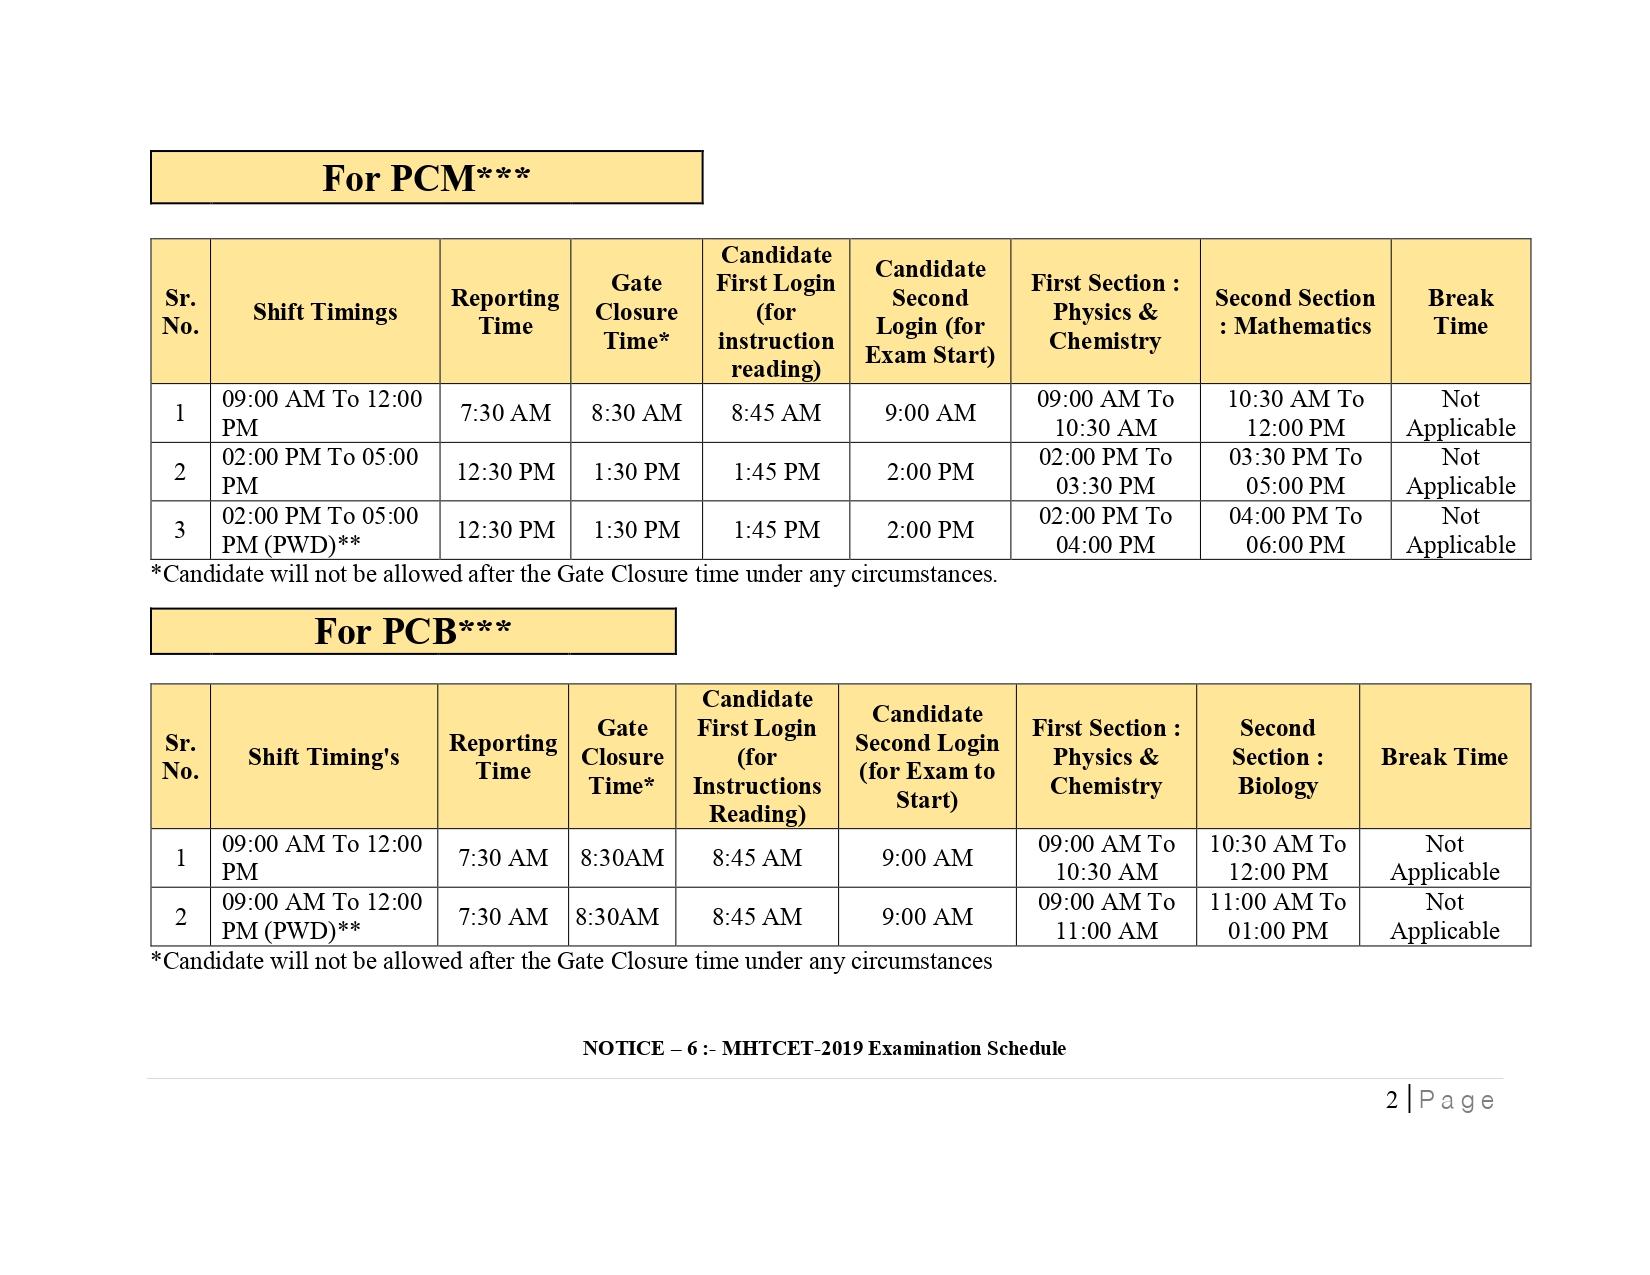 MHT-CET-2019-Examination-Schedule-page-0002.jpg